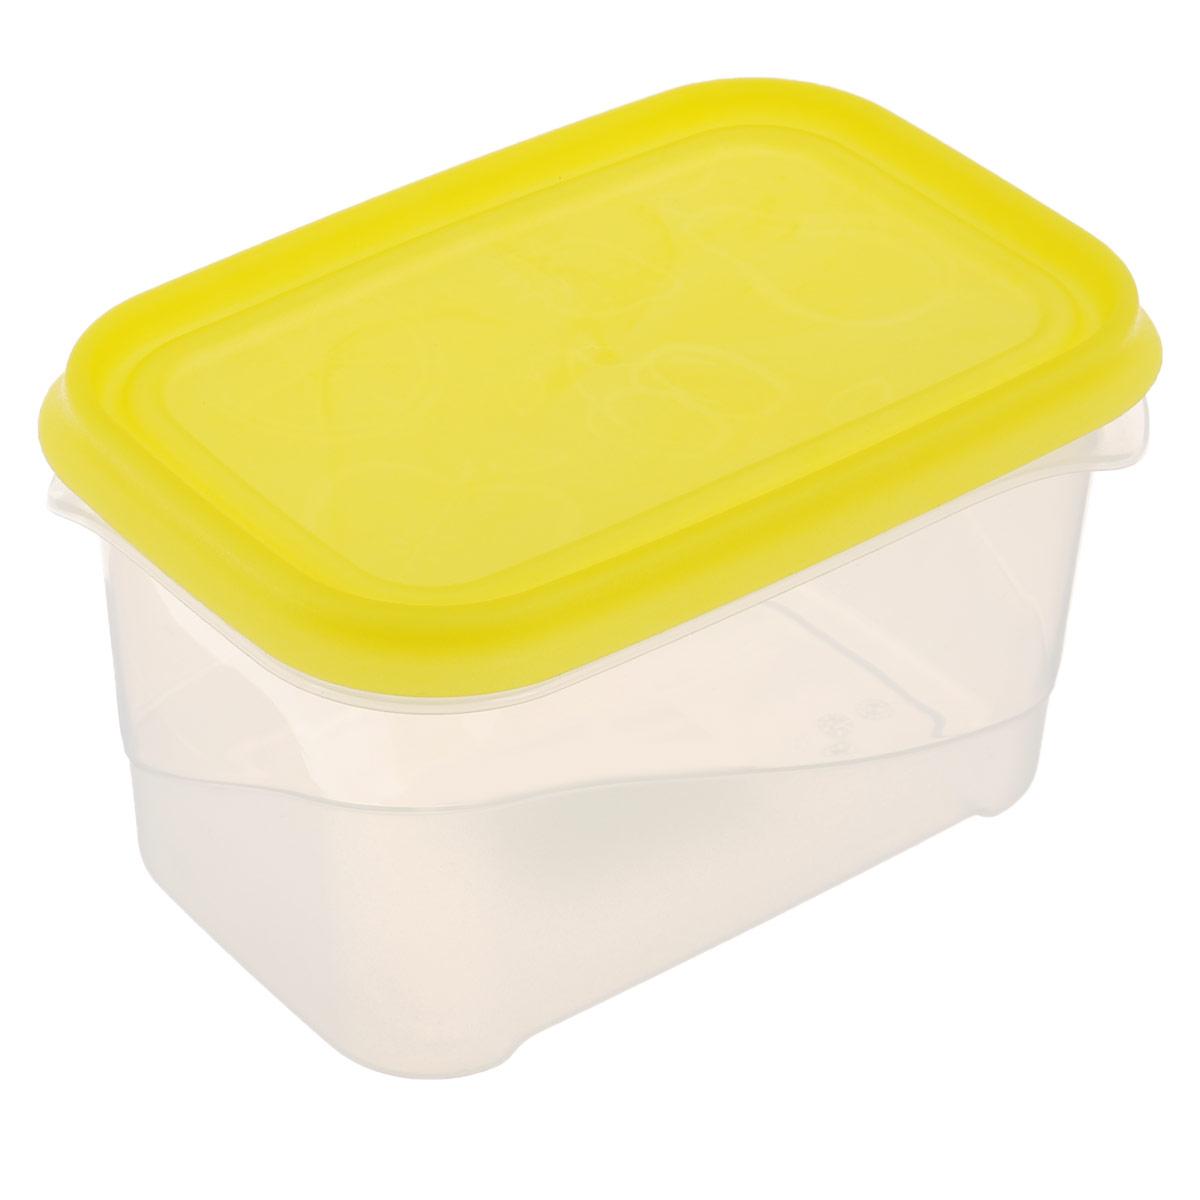 Контейнер Phibo Freeze, 0,7 лС11735Контейнер Phibo Freeze изготовлен из высококачественного полипропилена и не содержит Бисфенол А. Крышка легко и плотно закрывается, украшена узором в виде фруктов. Контейнер устойчив к воздействию масел и жиров, легко моется. Подходит для использования в микроволновых печах при температуре до +100°С, выдерживает хранение в морозильной камере при температуре -24°С, его можно мыть в посудомоечной машине при температуре до +75°С. Объем контейнера: 0,7 л.